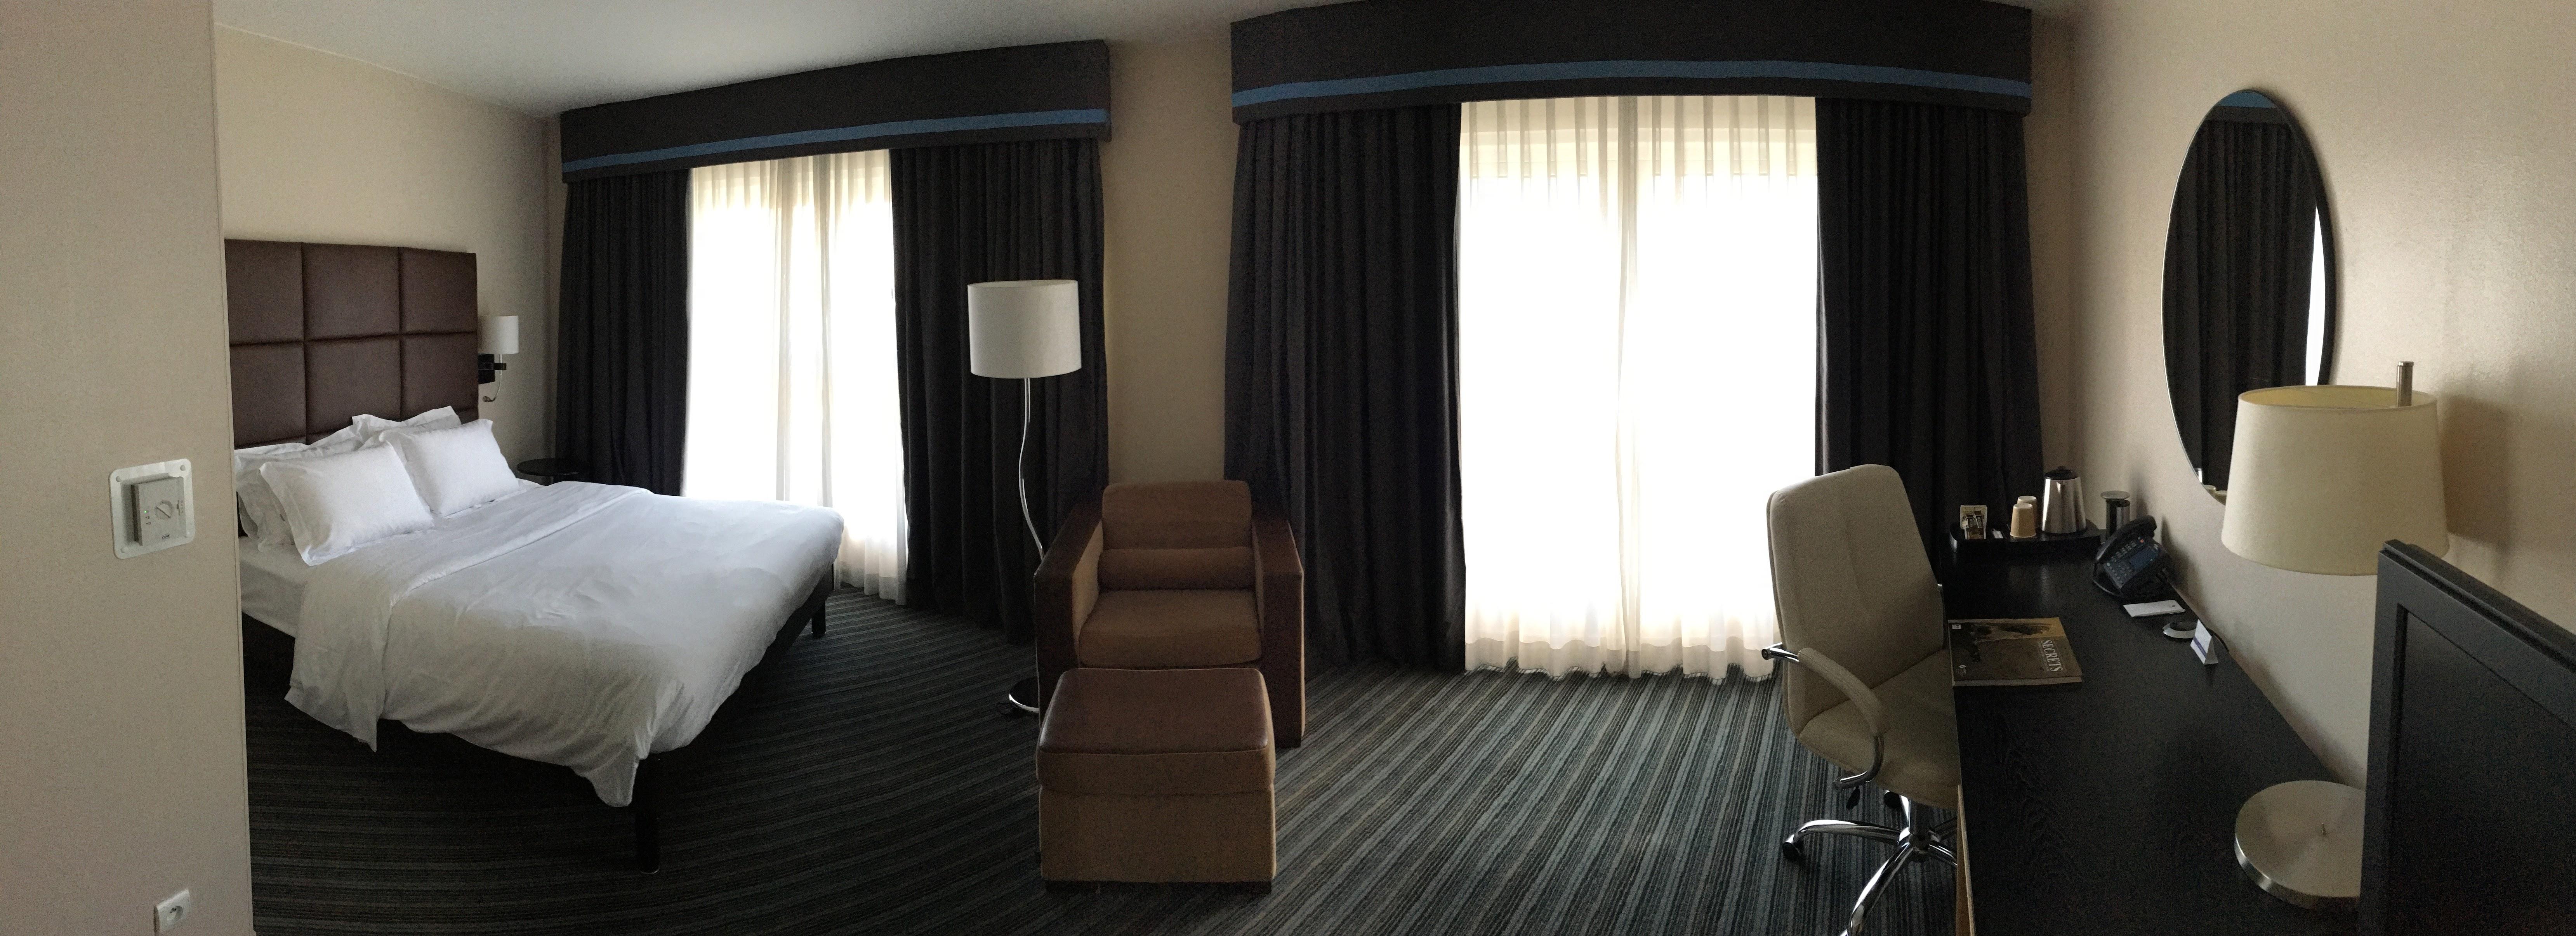 Hyatt Panorama King Room